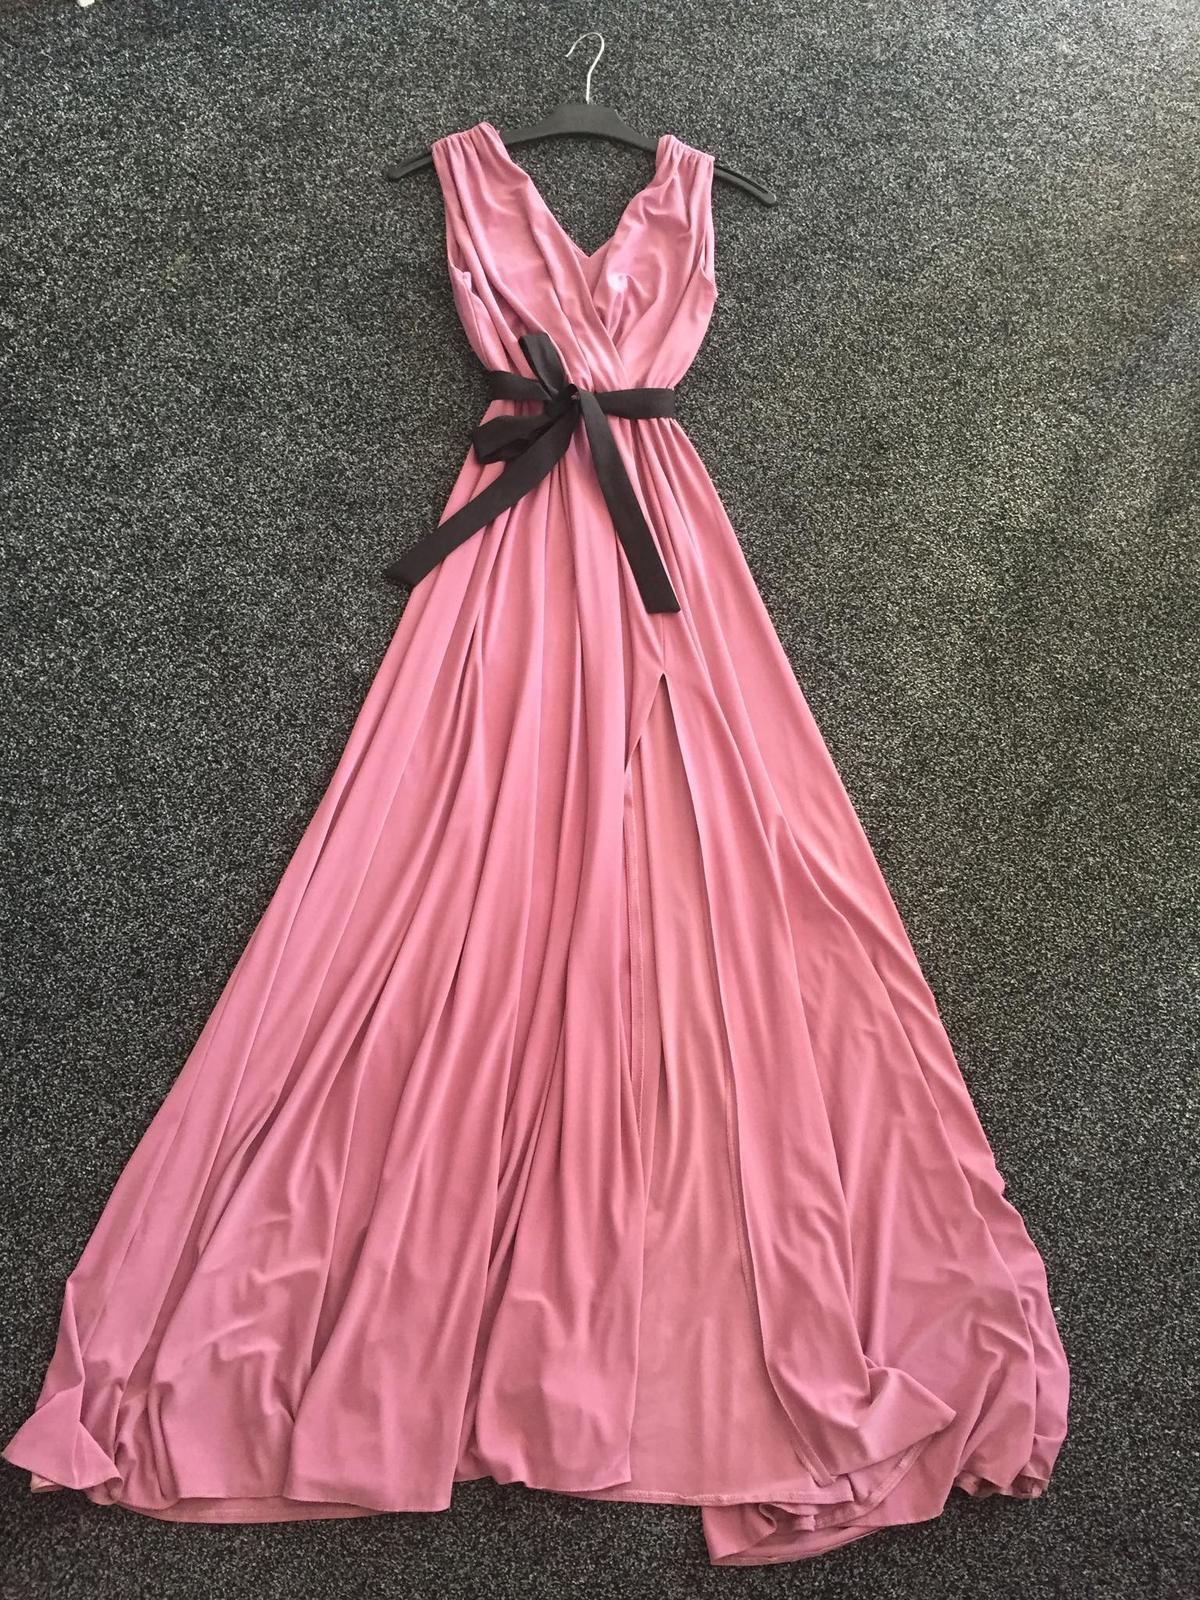 Dámské dlouhé šaty - Obrázek č. 1